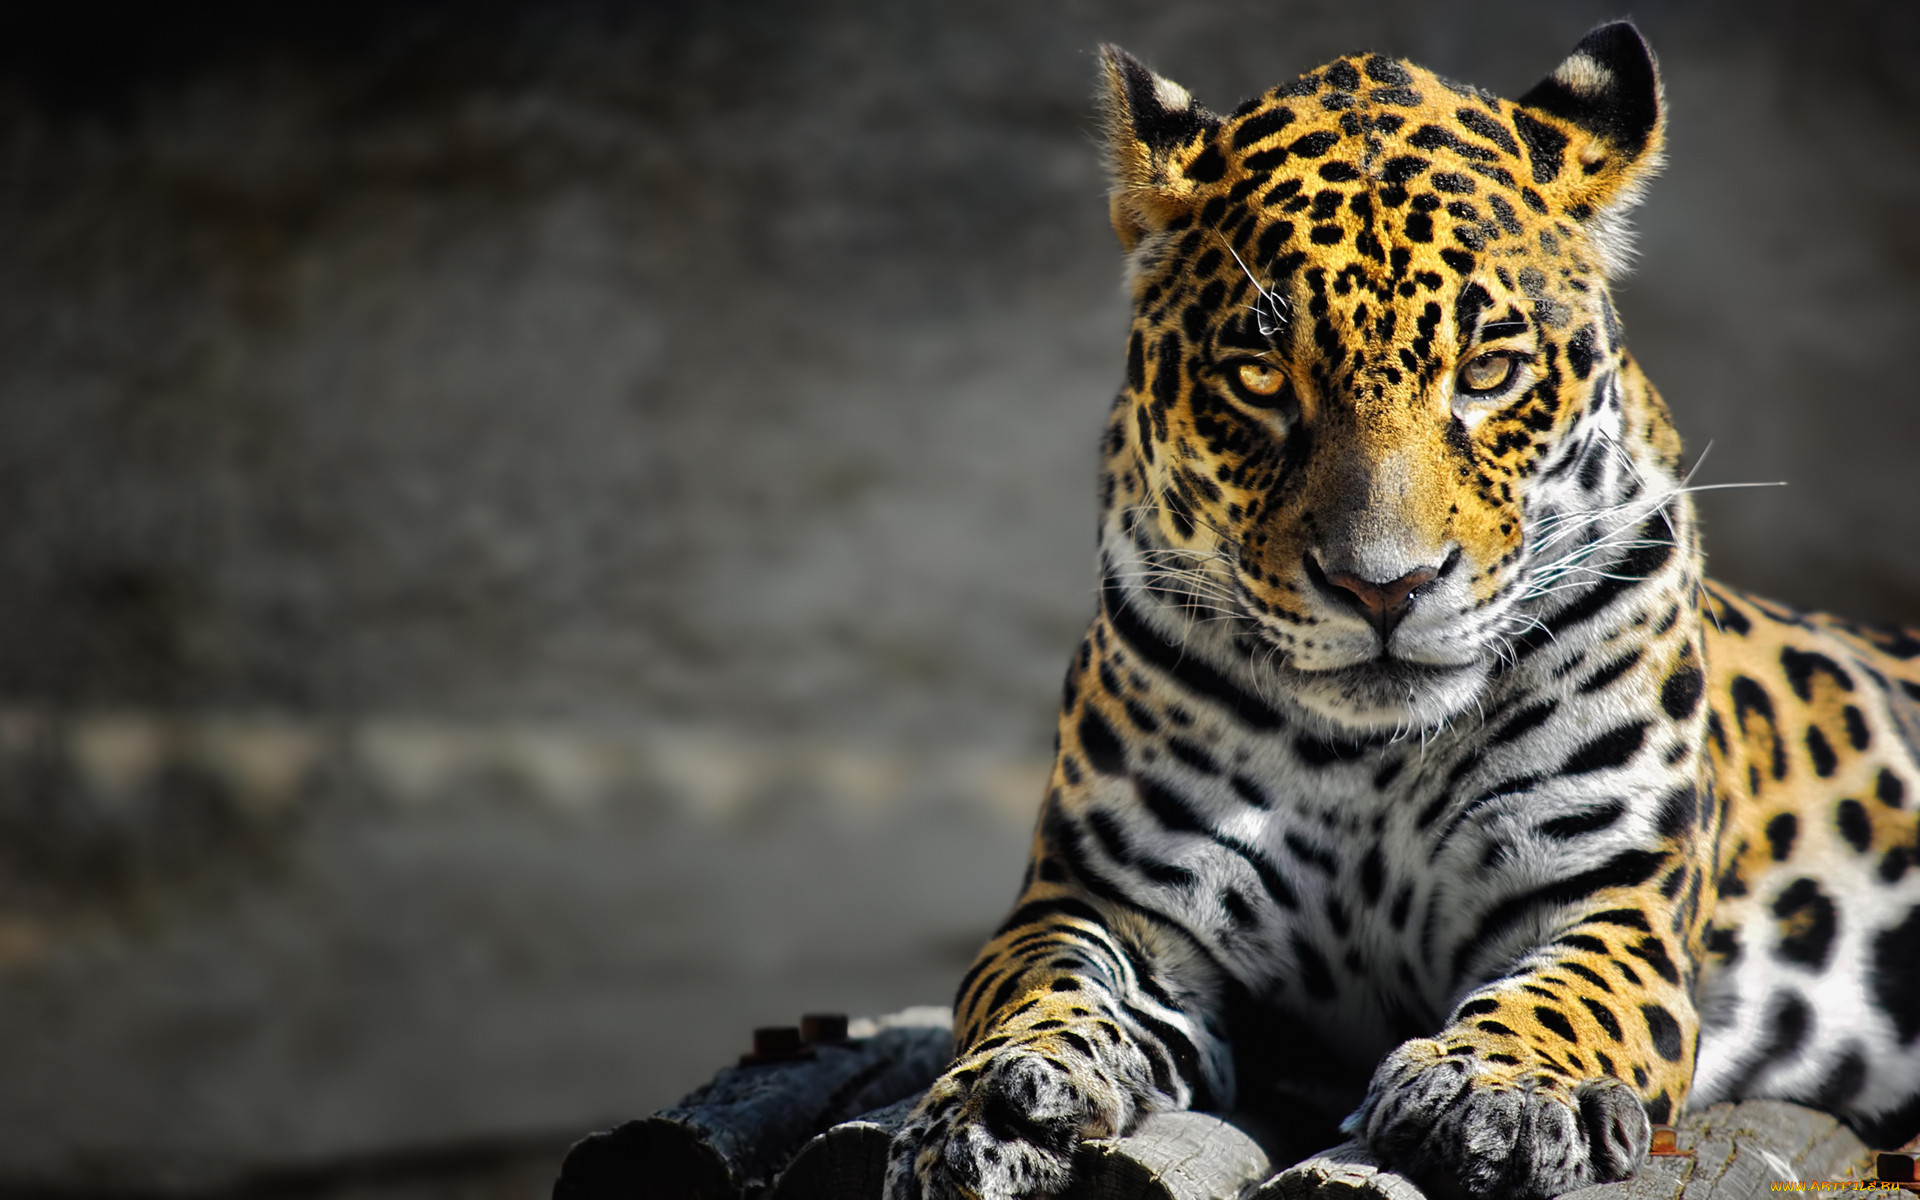 красивые картинки на телефон животные бросает себе вызов